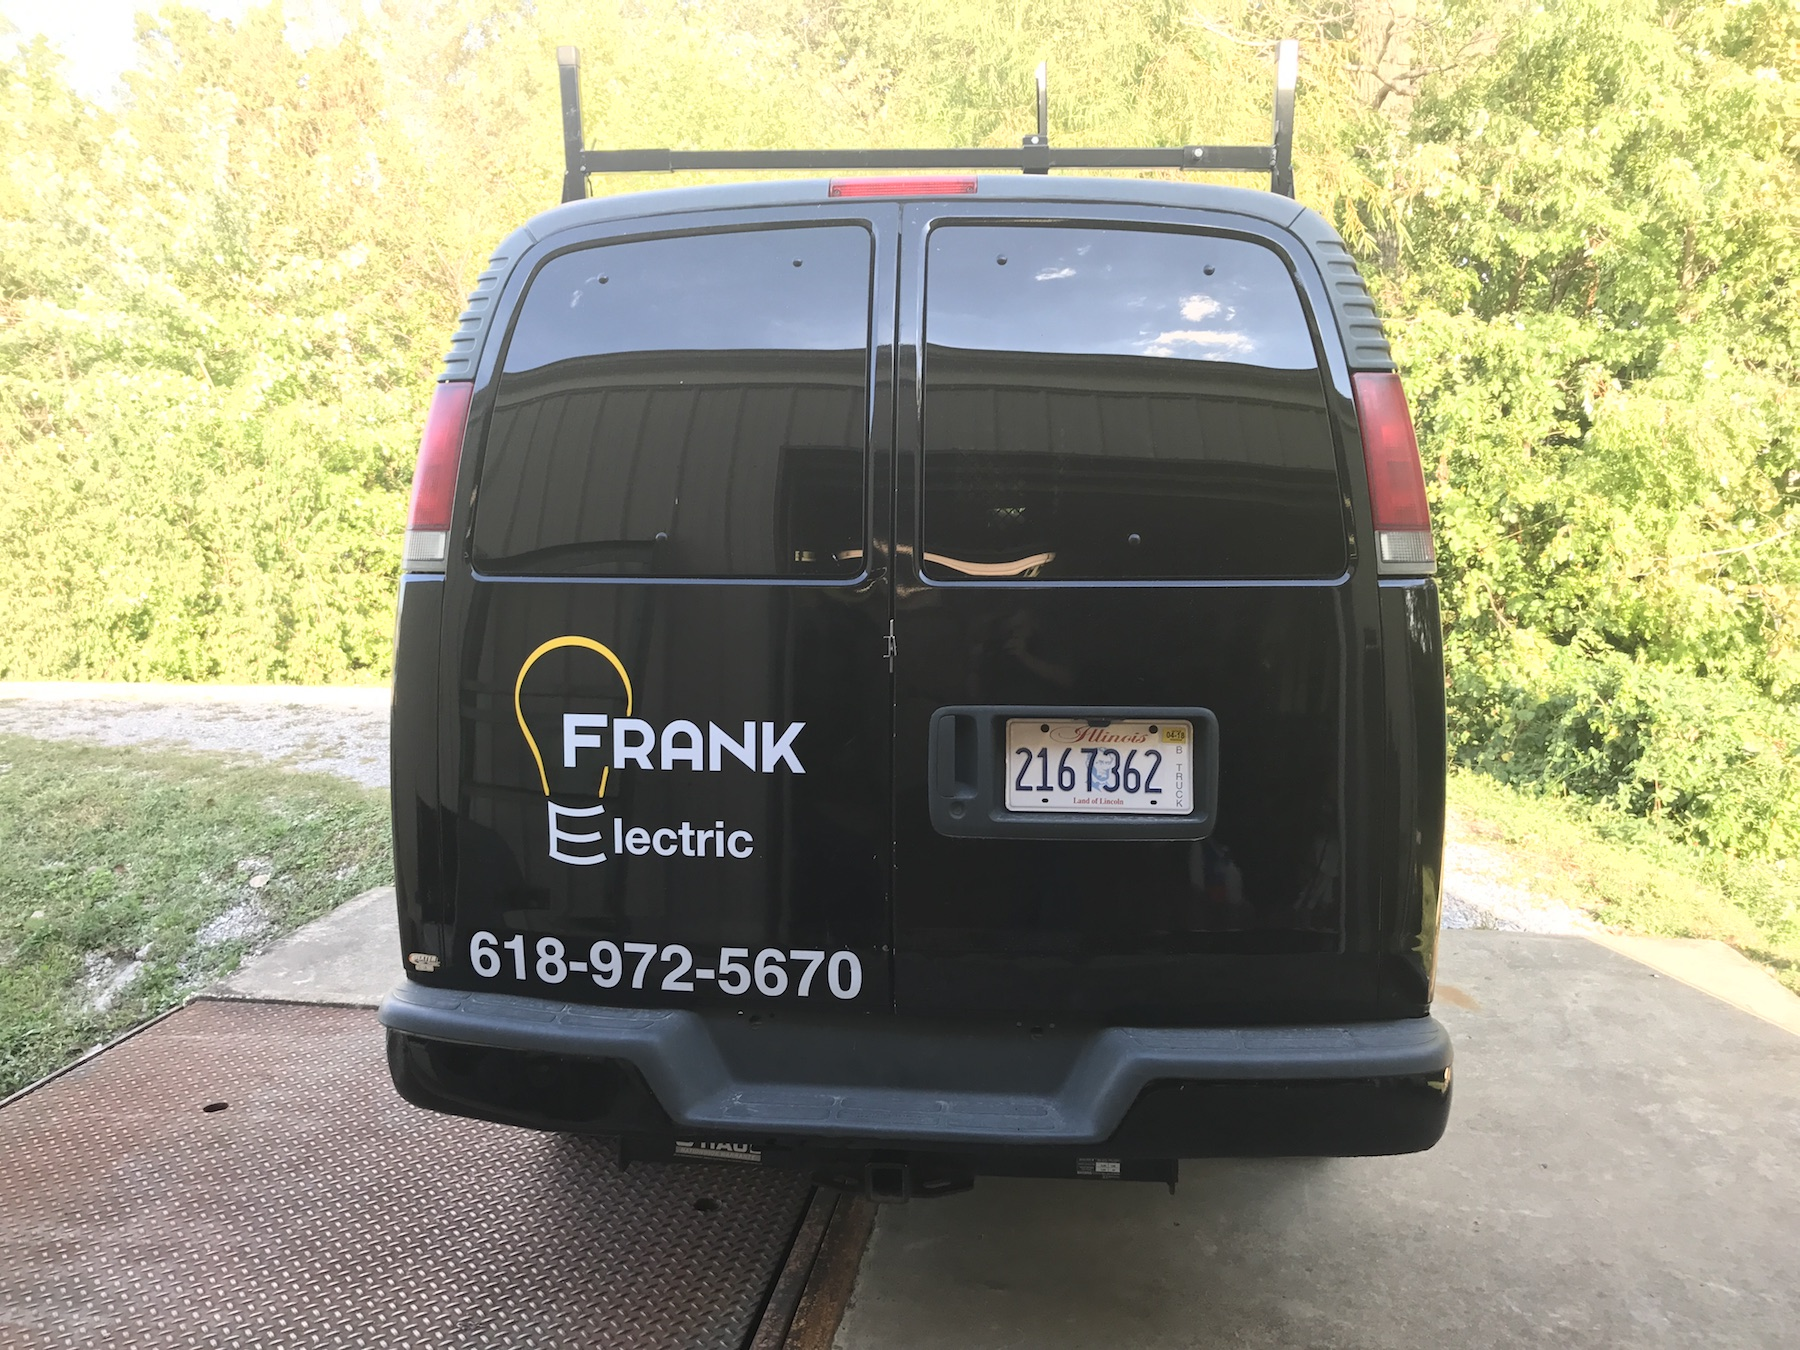 Frank Electric Cut Vinyl Spot Graphics